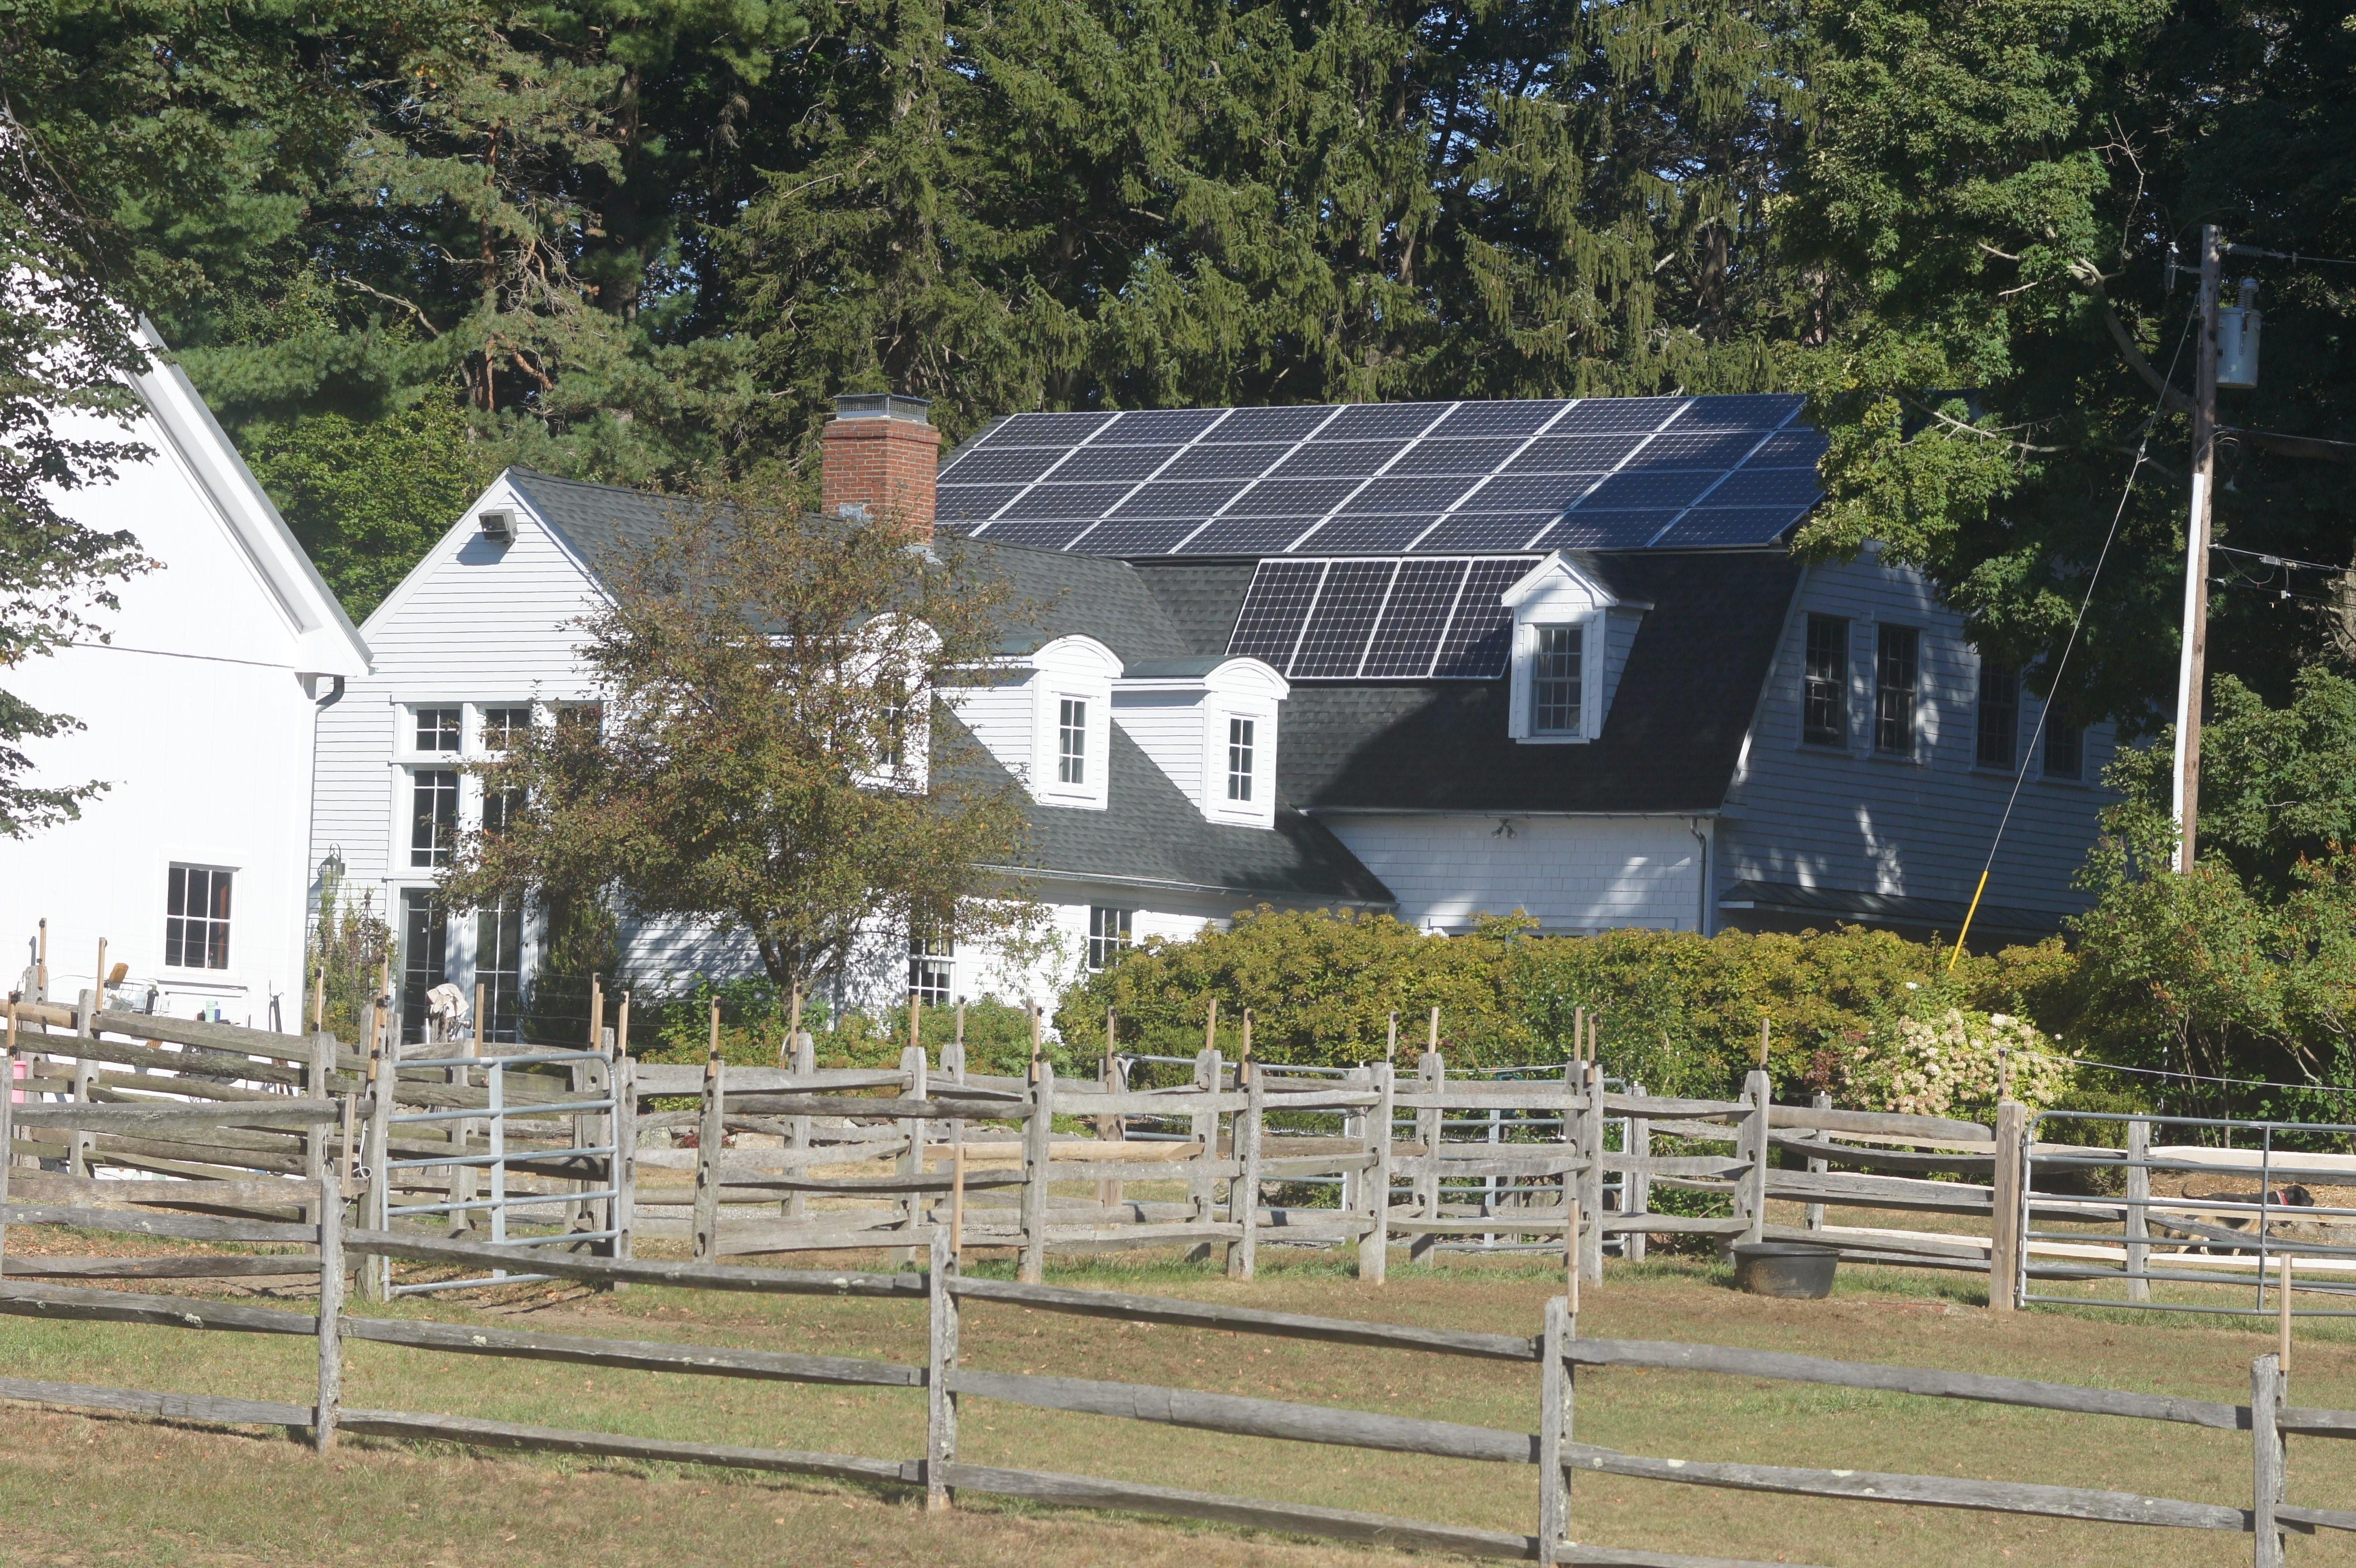 10 miles river road solar